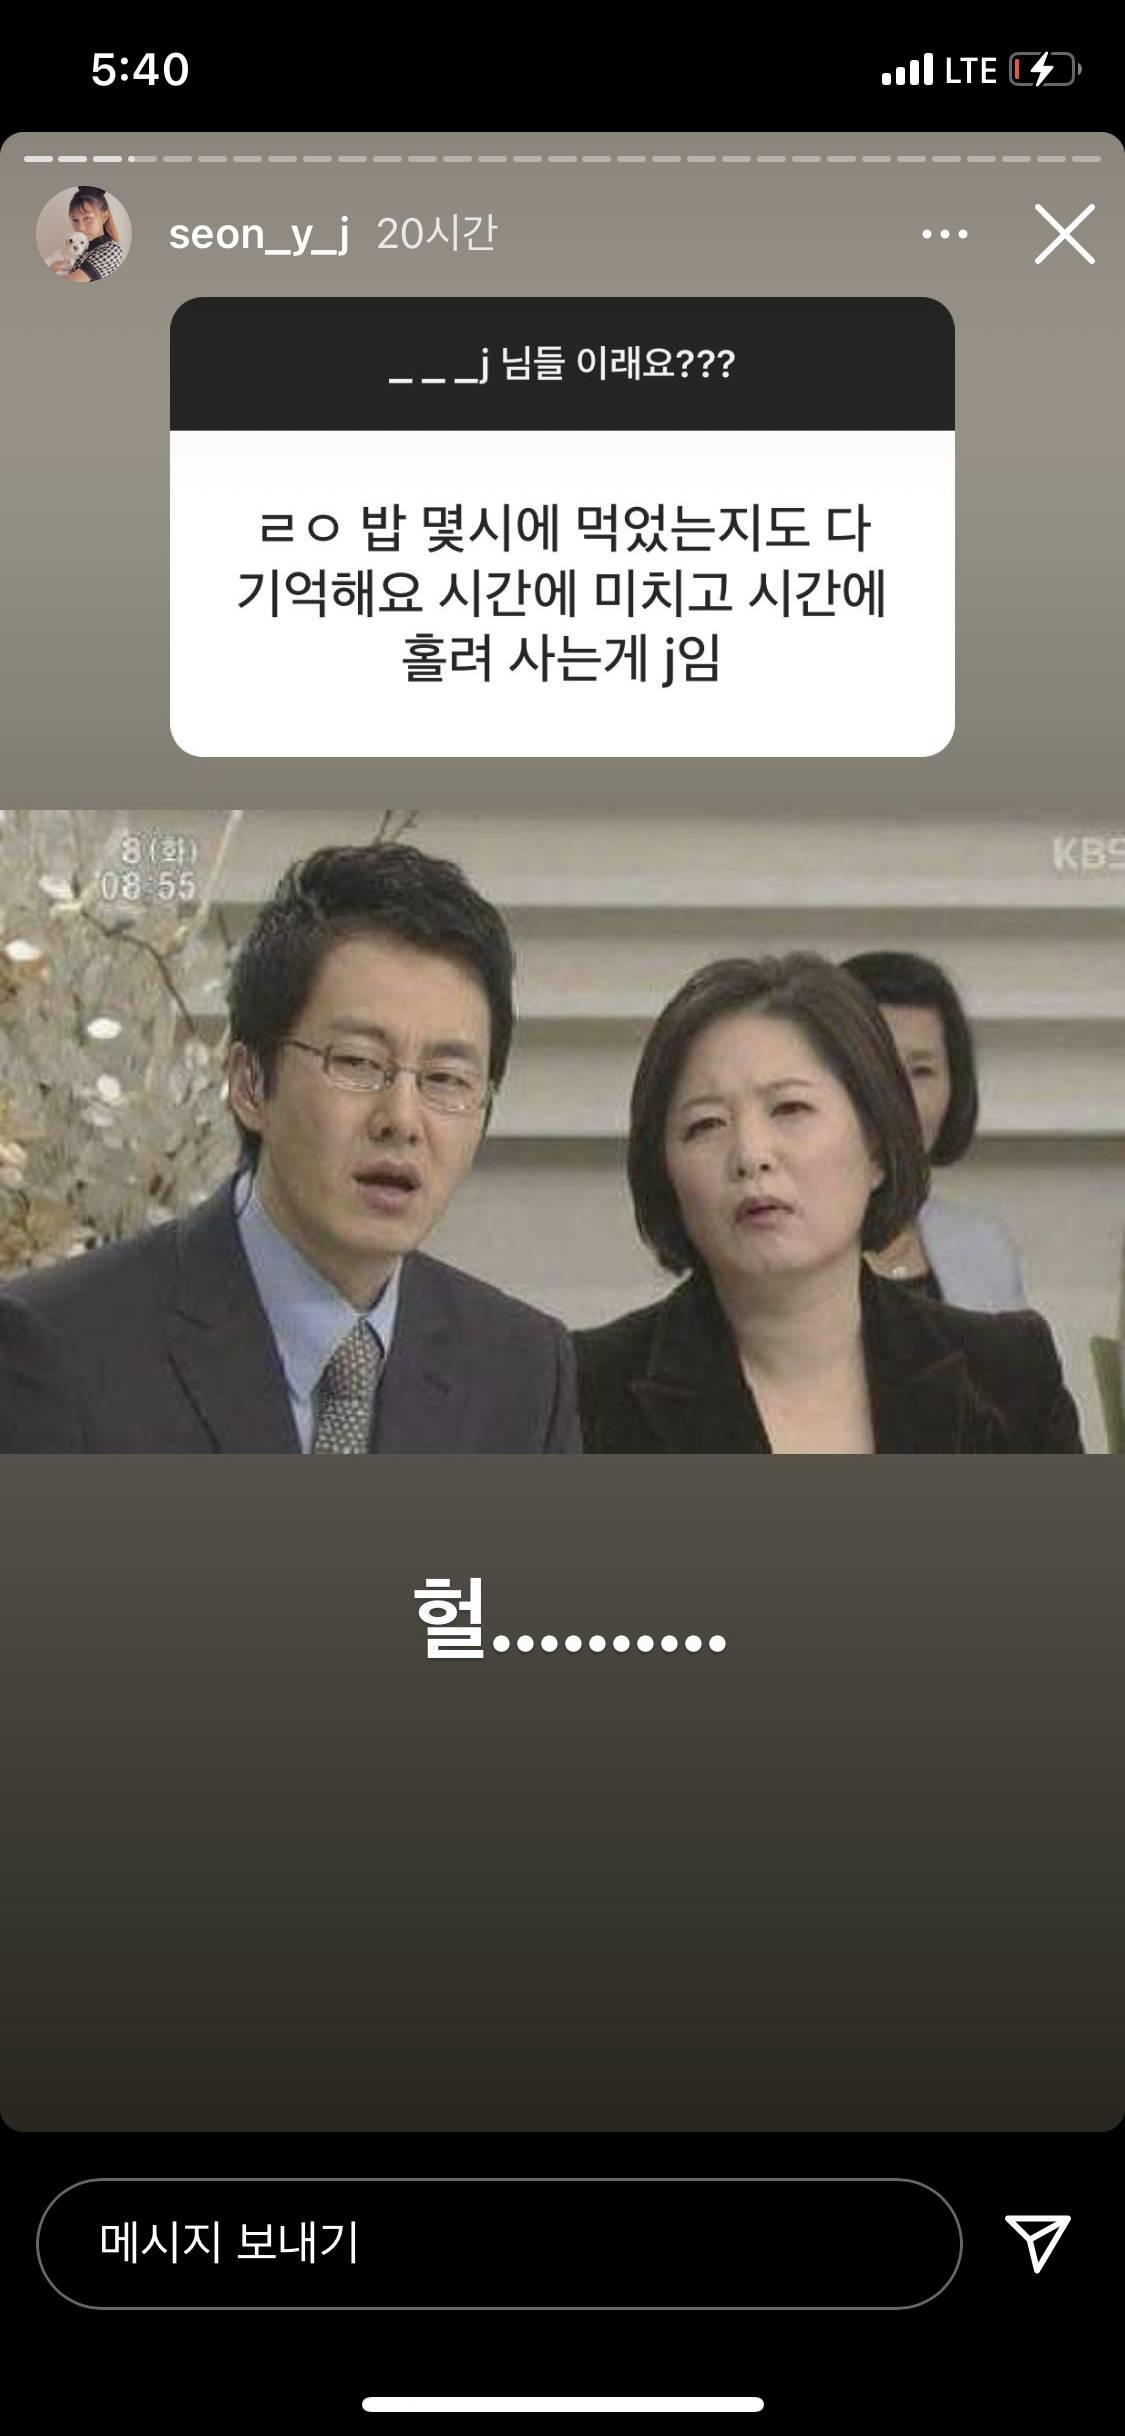 선여정: ___J님들 진짜 이래요? | 인스티즈